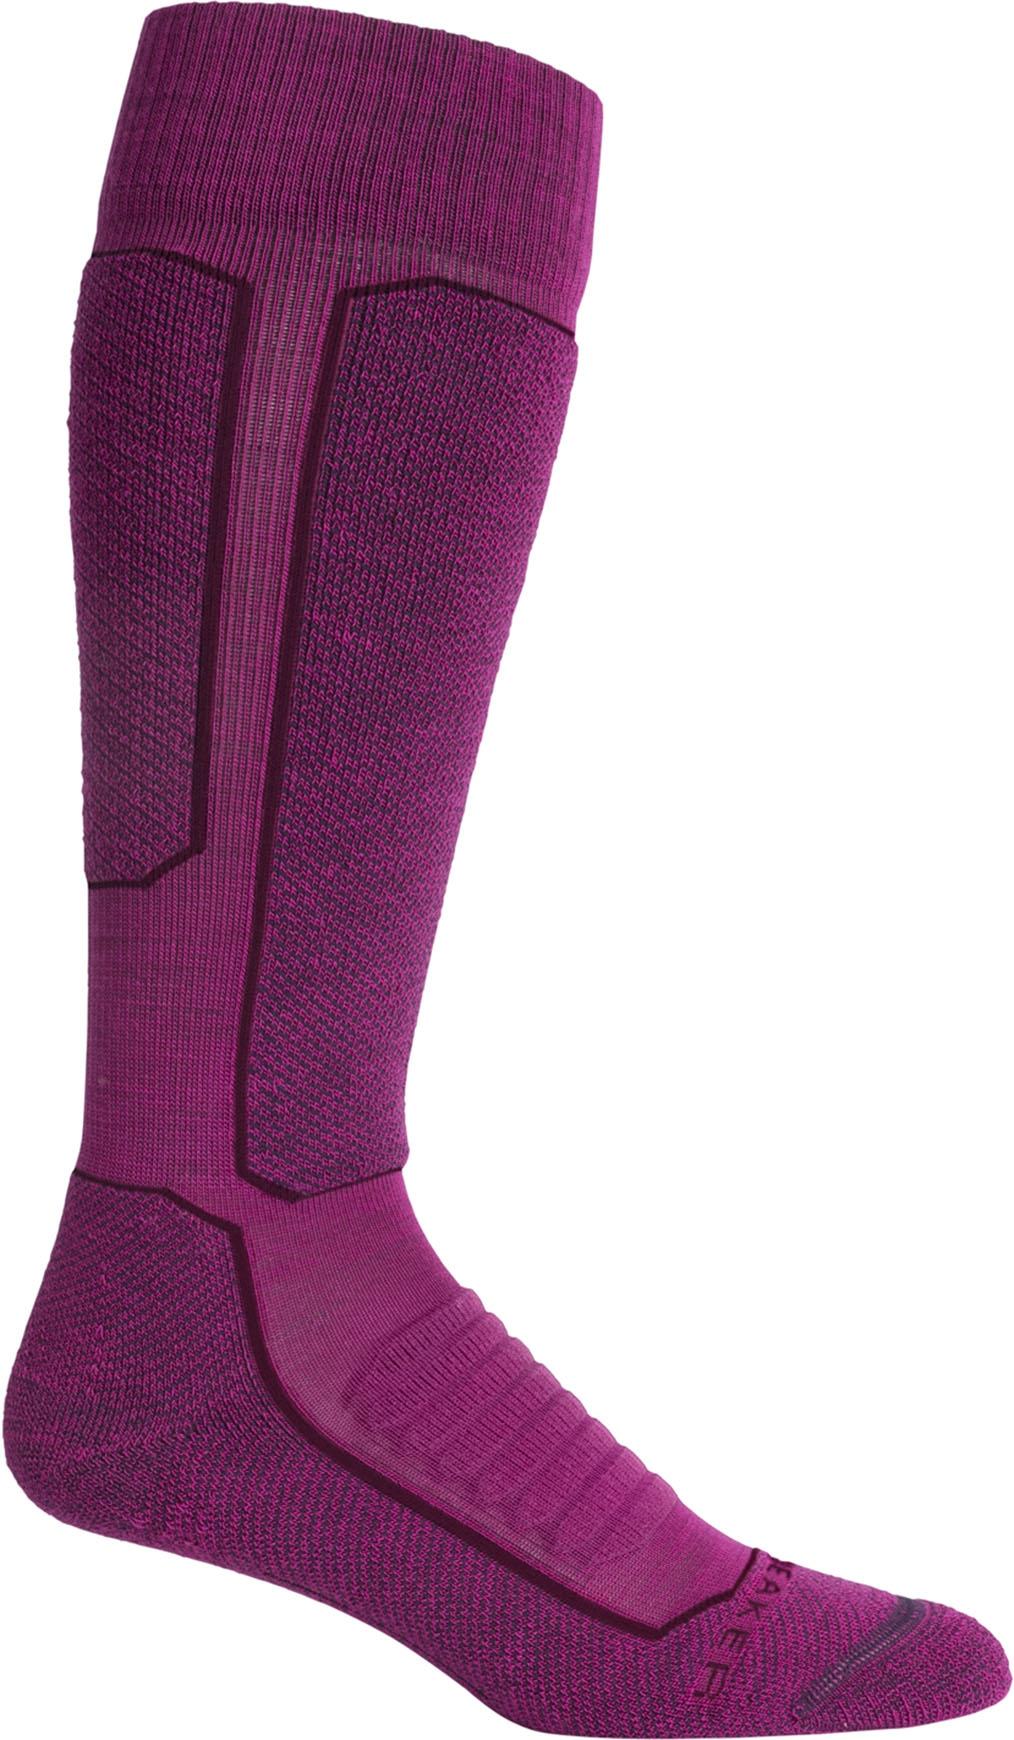 Medium Amore//Lotus Icebreaker Merino Womens Ski Medium OTC Socks